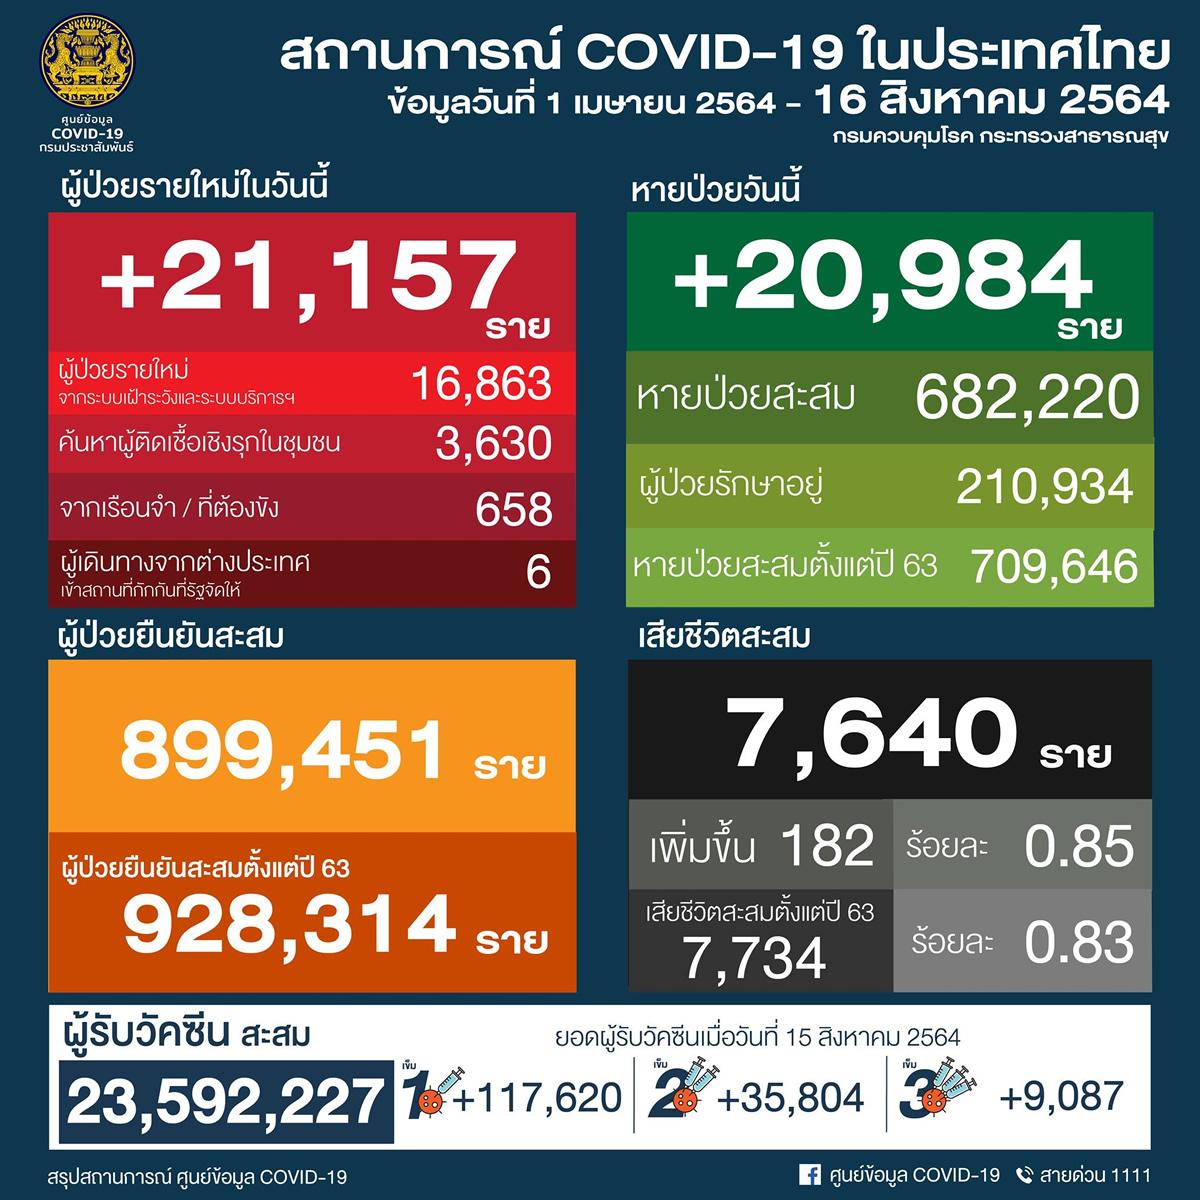 タイ 21,157人陽性 182人死亡/バンコク 4,324人陽性 64人死亡/[2021年8月16日発表]